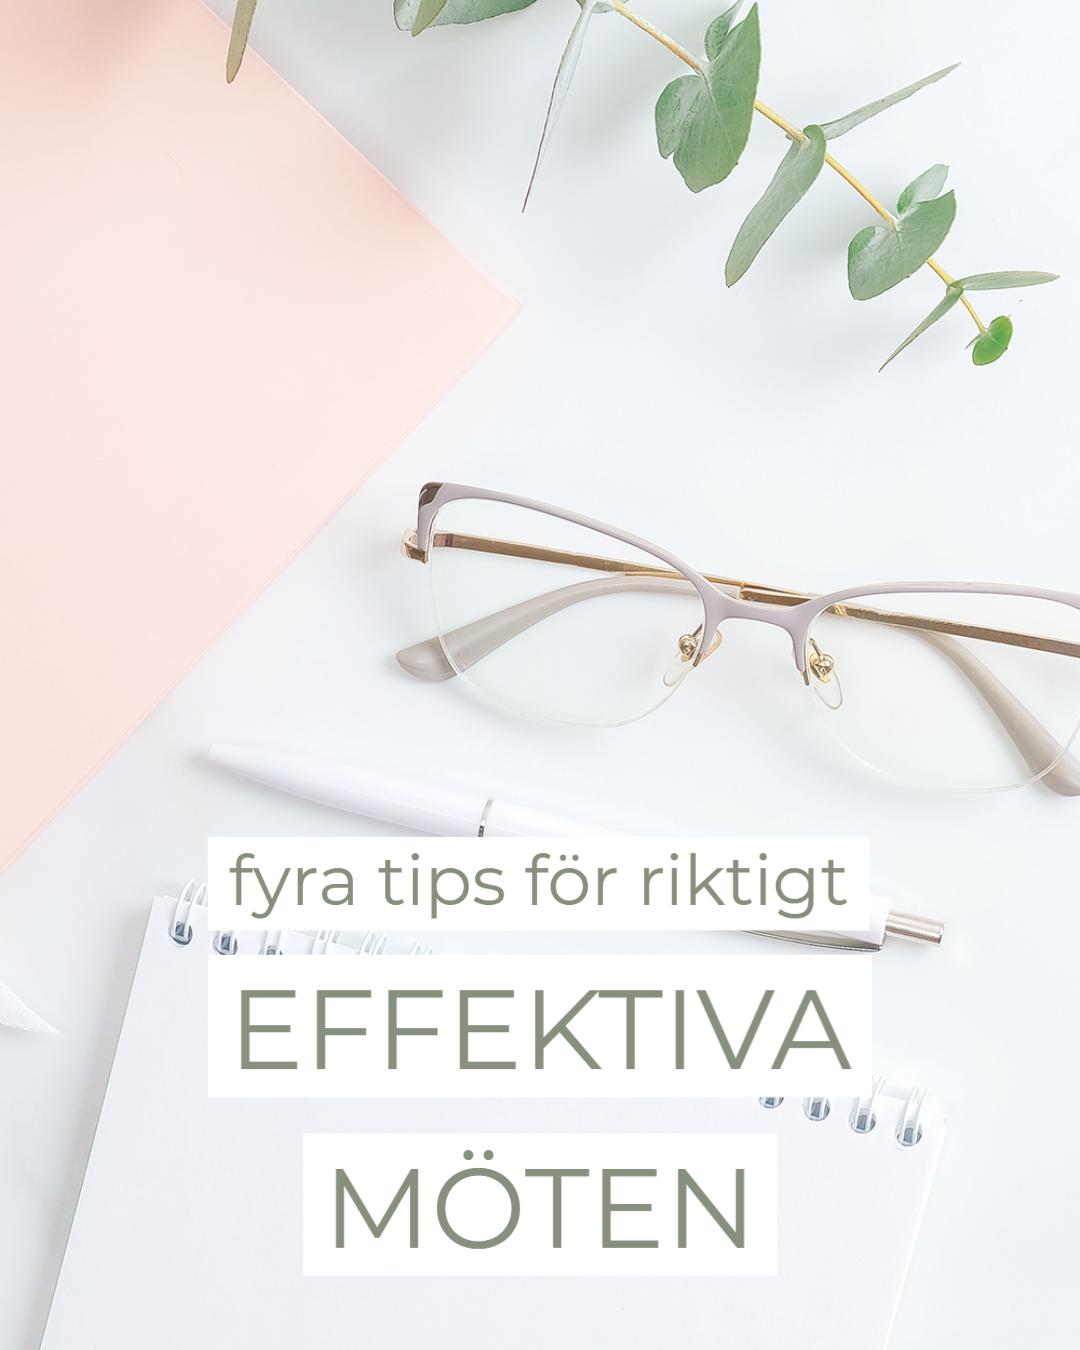 Fyra tips för effektiva möten